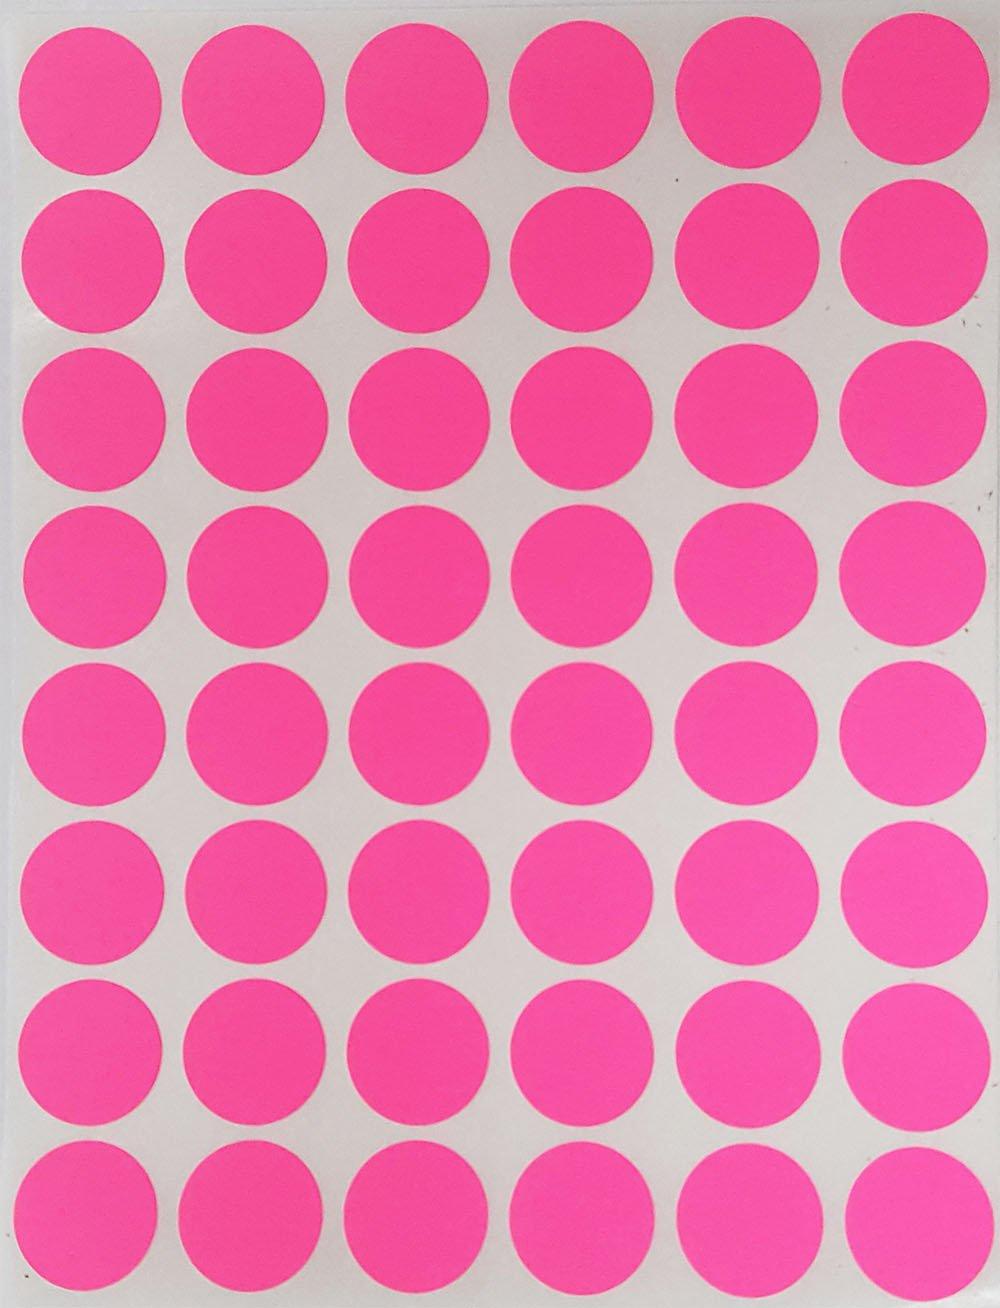 in verschiedenen Farben Gr/ö/ße 1,7cm Durchmesser Klebepunkte von Royal Green Etiketten 17mm runde Punkt Aufkleber Glitzer Gold, 336